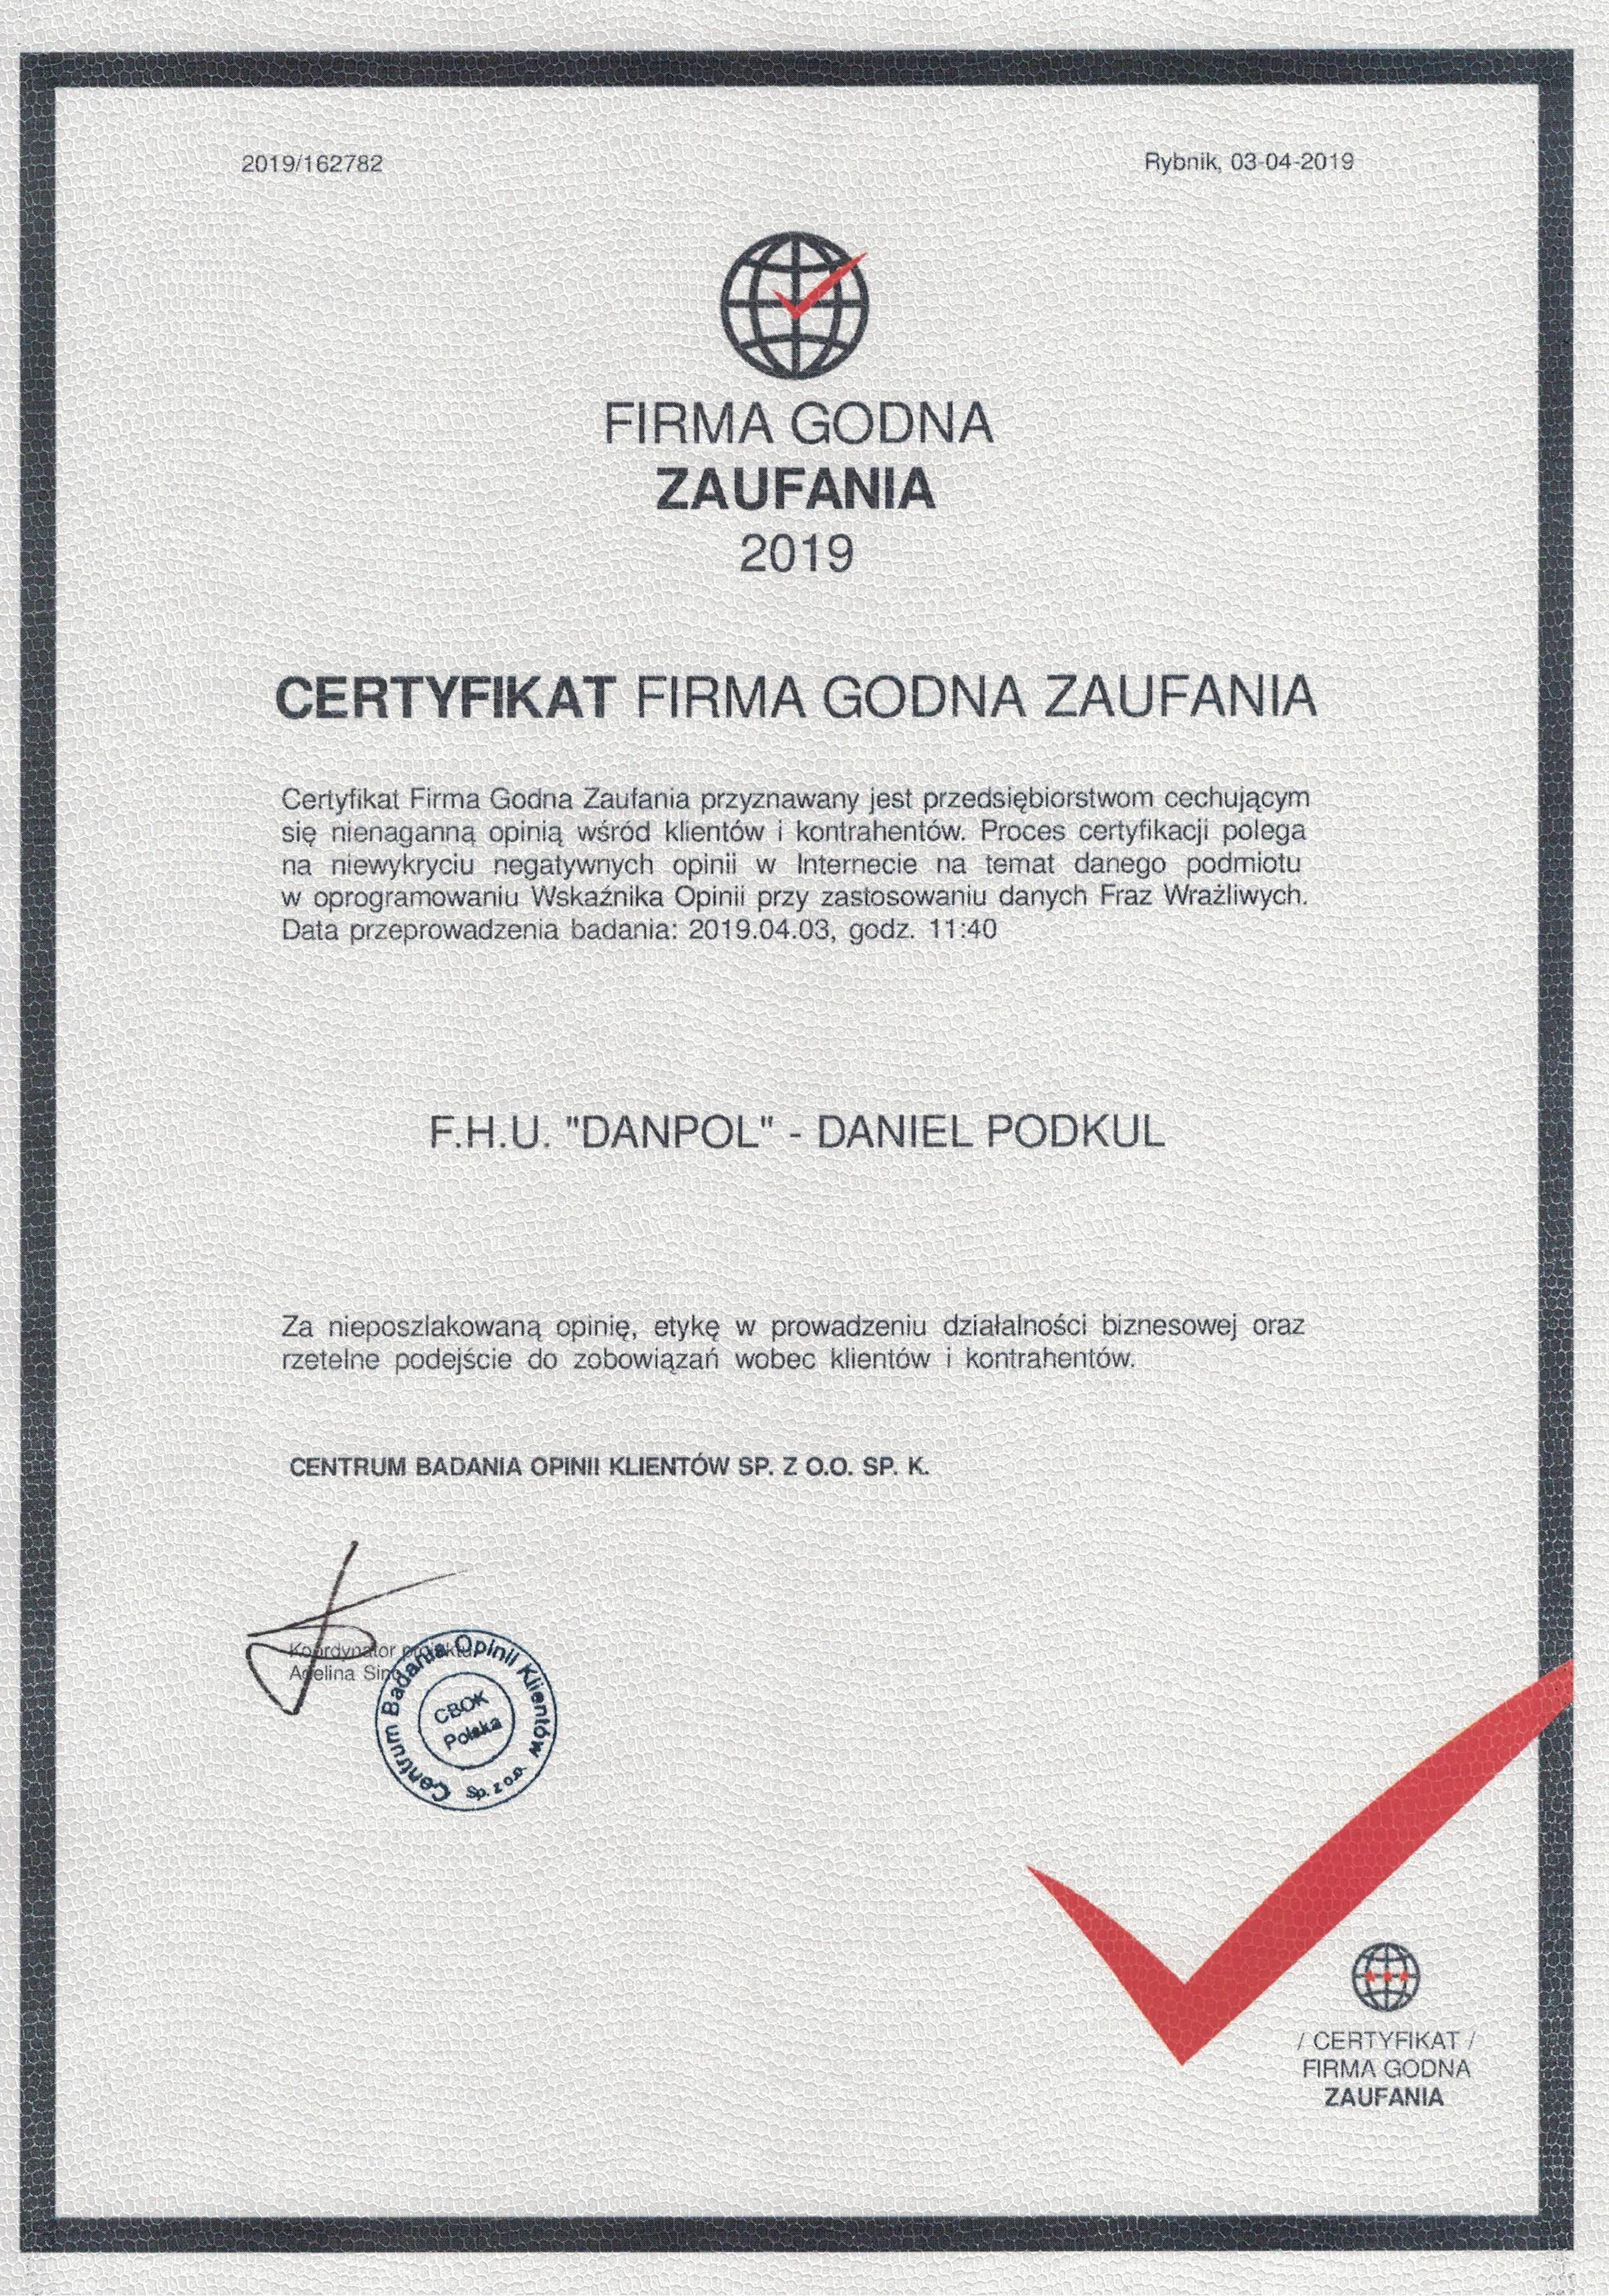 CENTRUMHANDLOWE.NET- Firma Godna Zaufania!